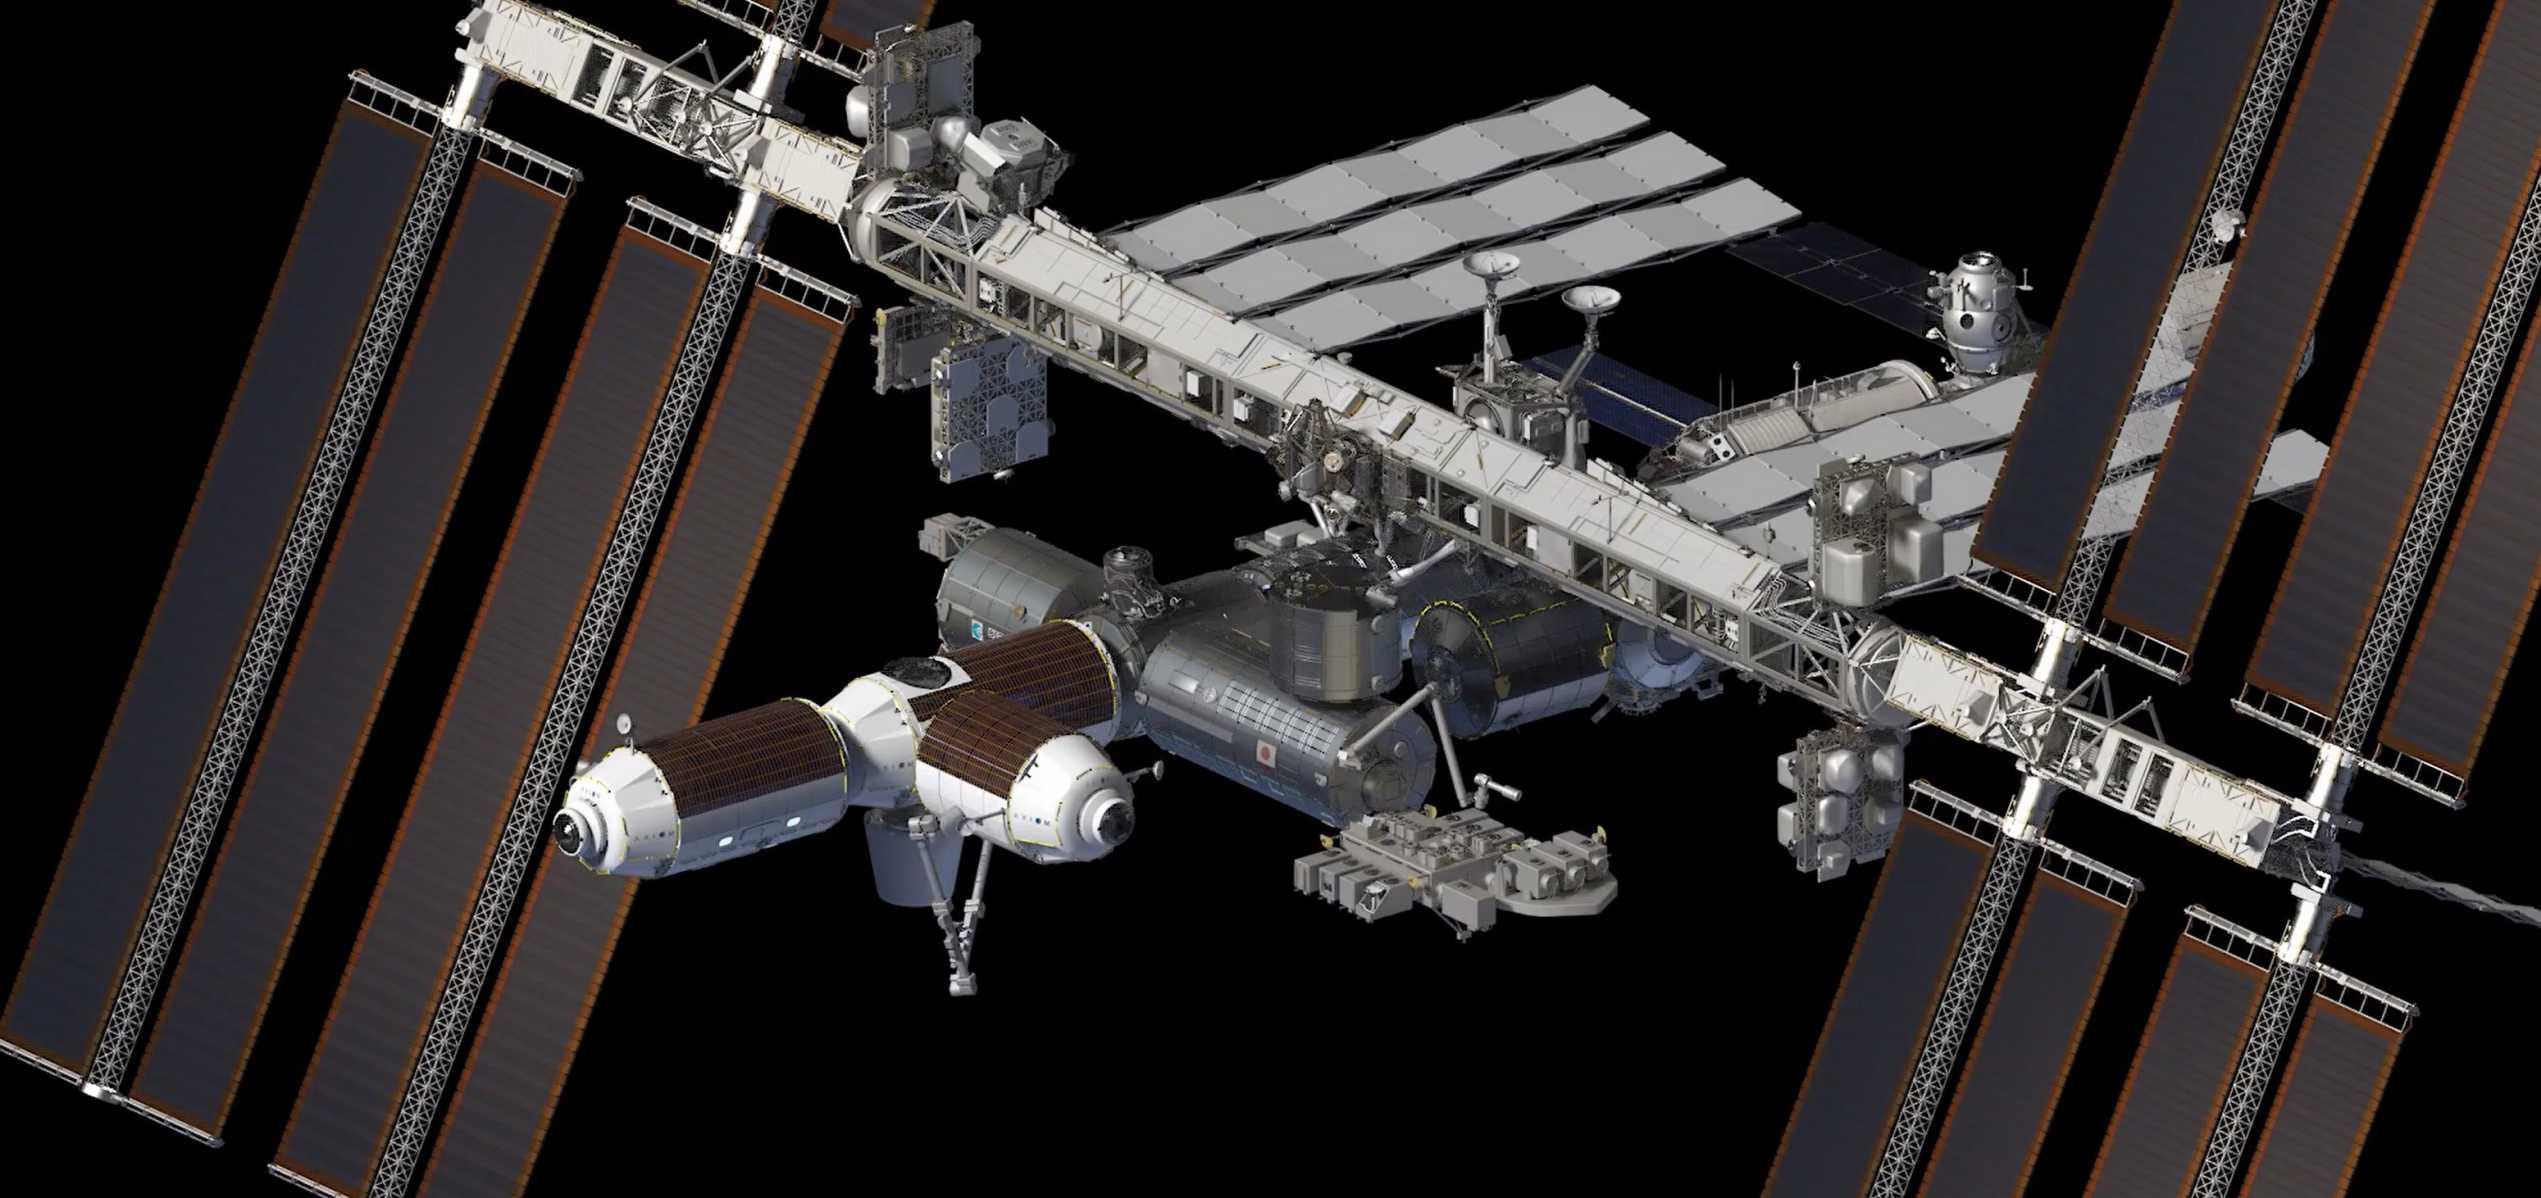 Axiom ISS additions (Axiom) 2 CROP